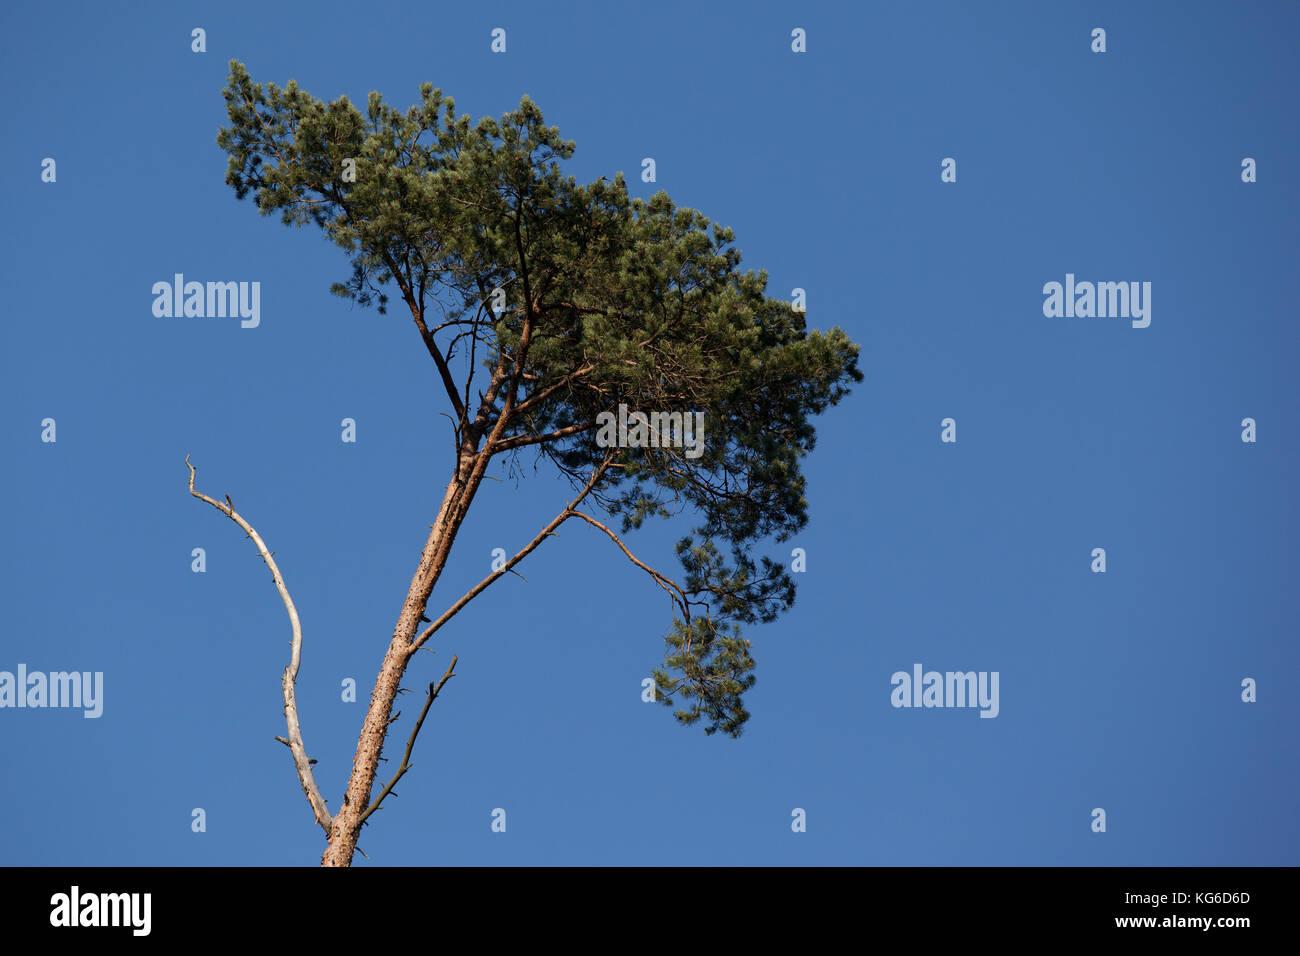 freigestellte Baumkrone - Stock Image